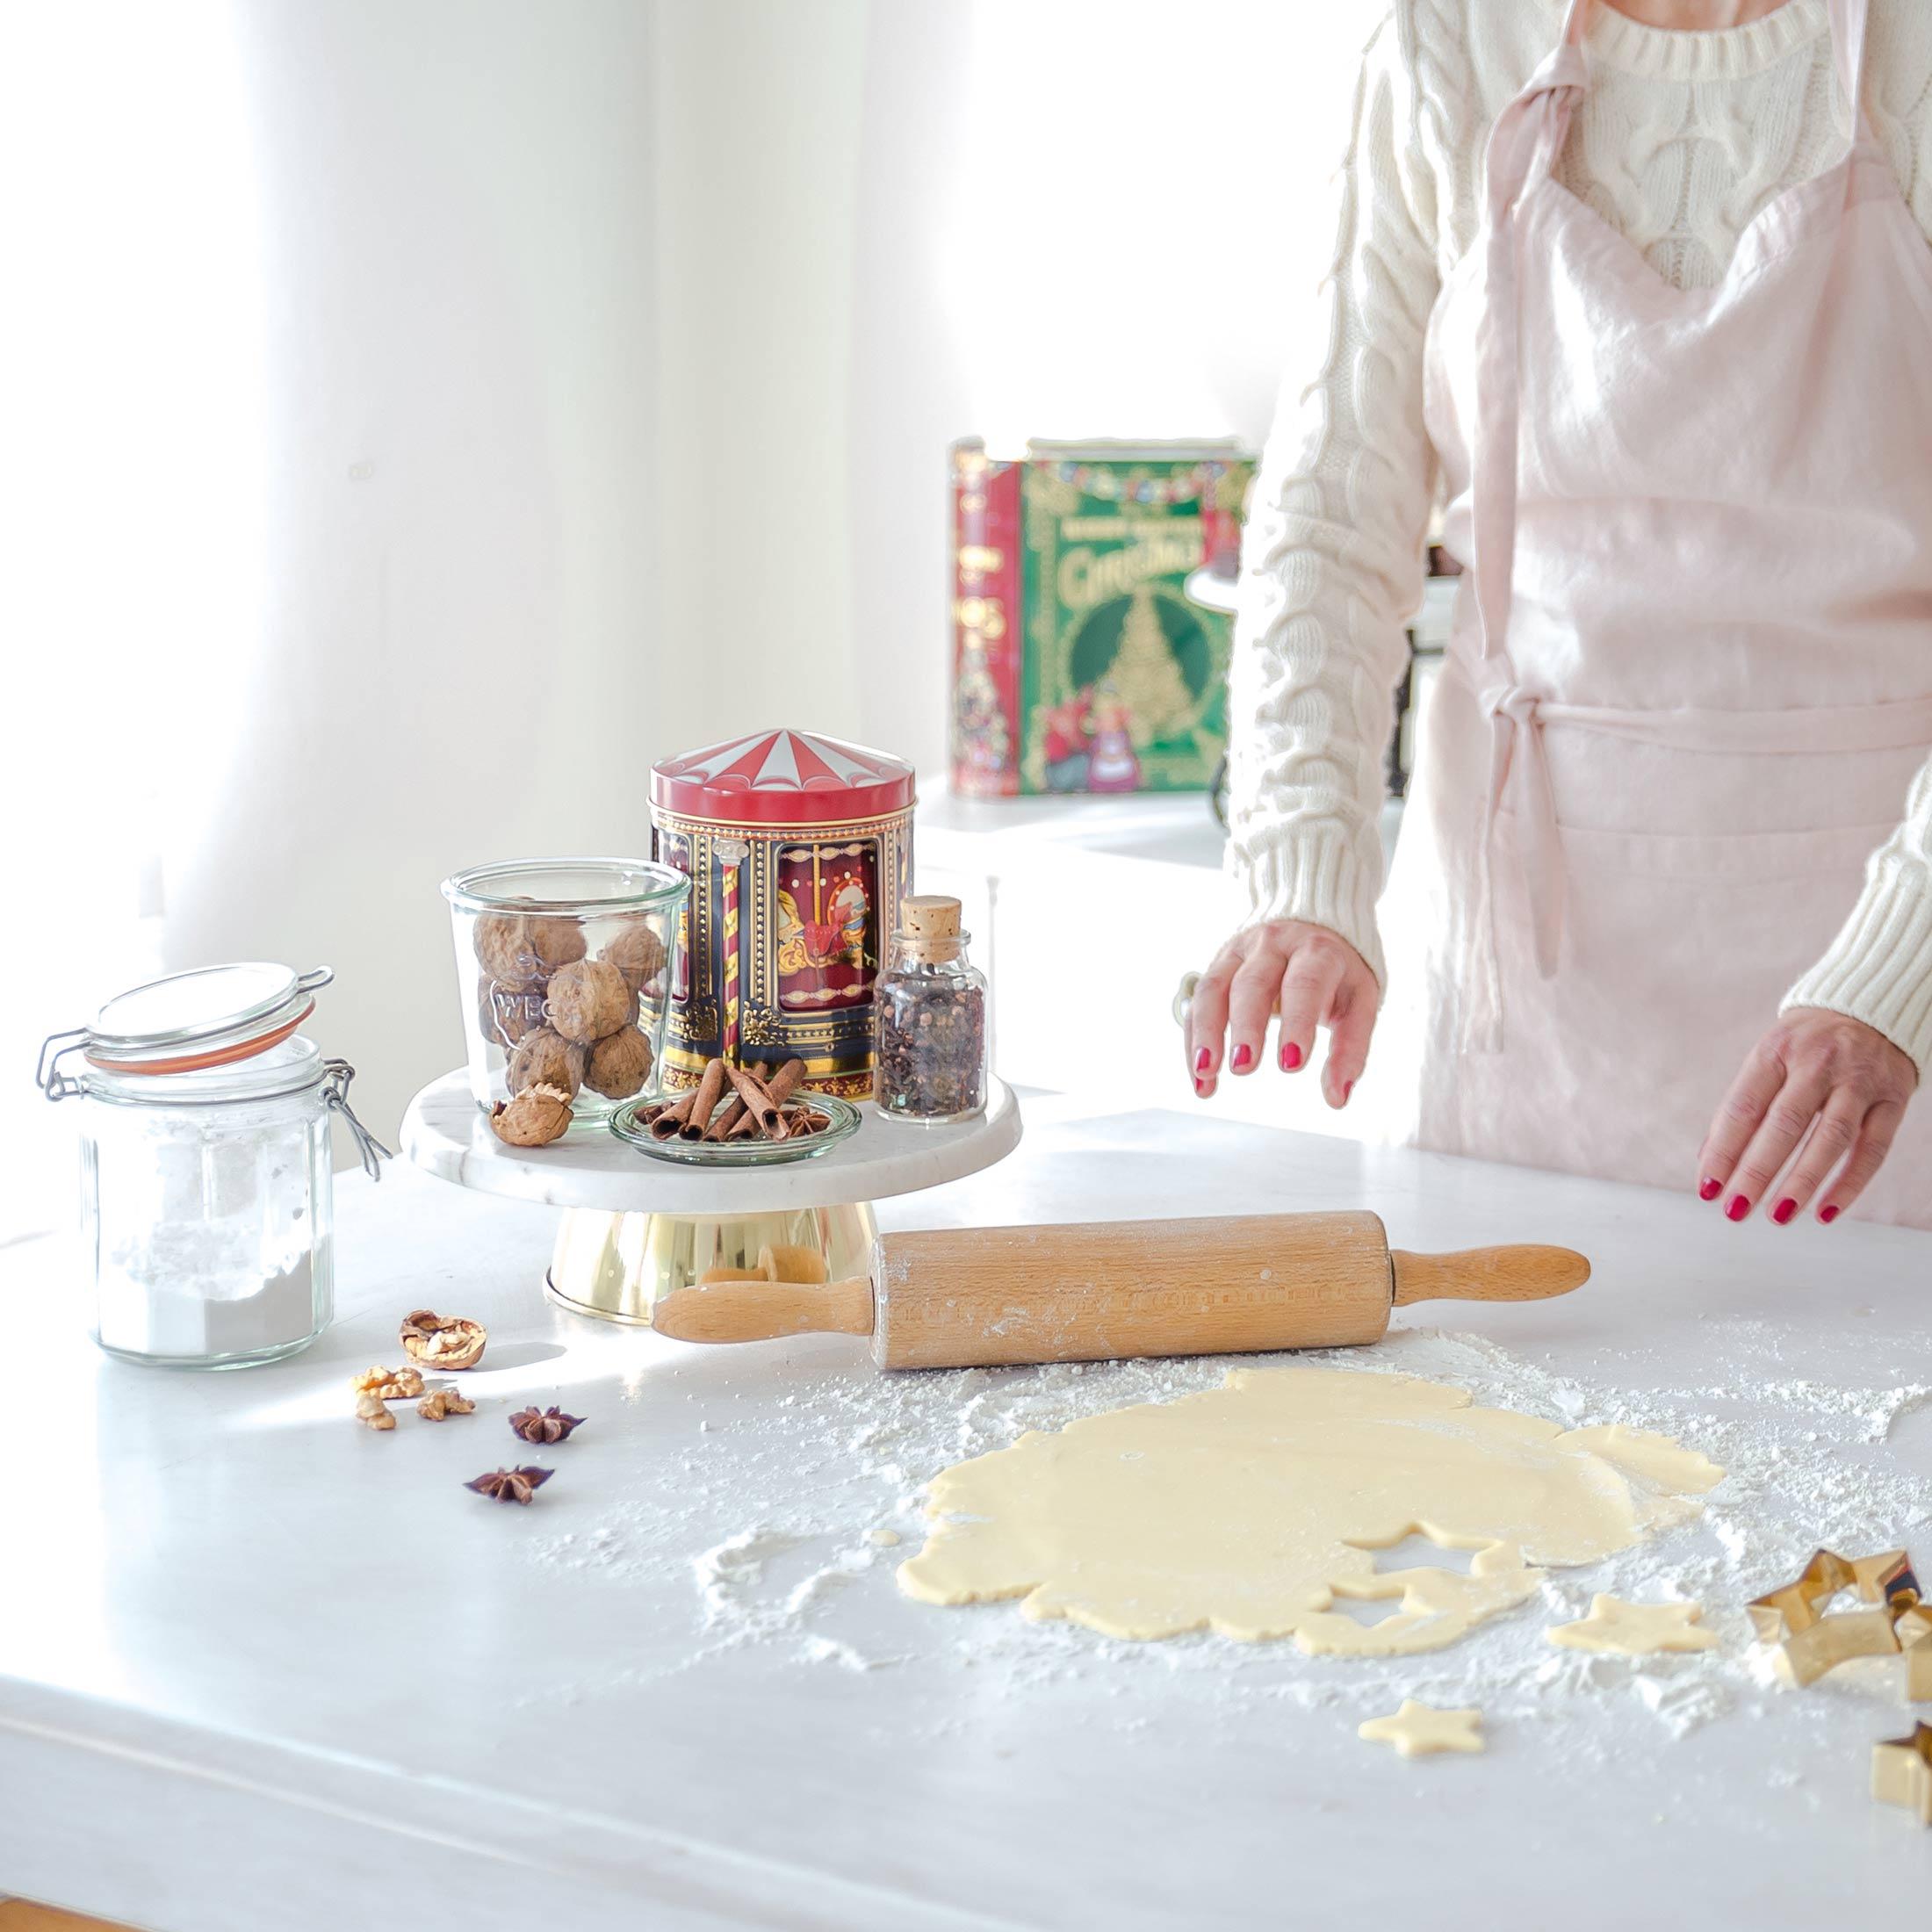 Kuchenständer aus Marmor in Weiß und Gold von der Marke Bloomingville. Der elegante Kuchenständer hat einen Durchmesser von 27,5 cm